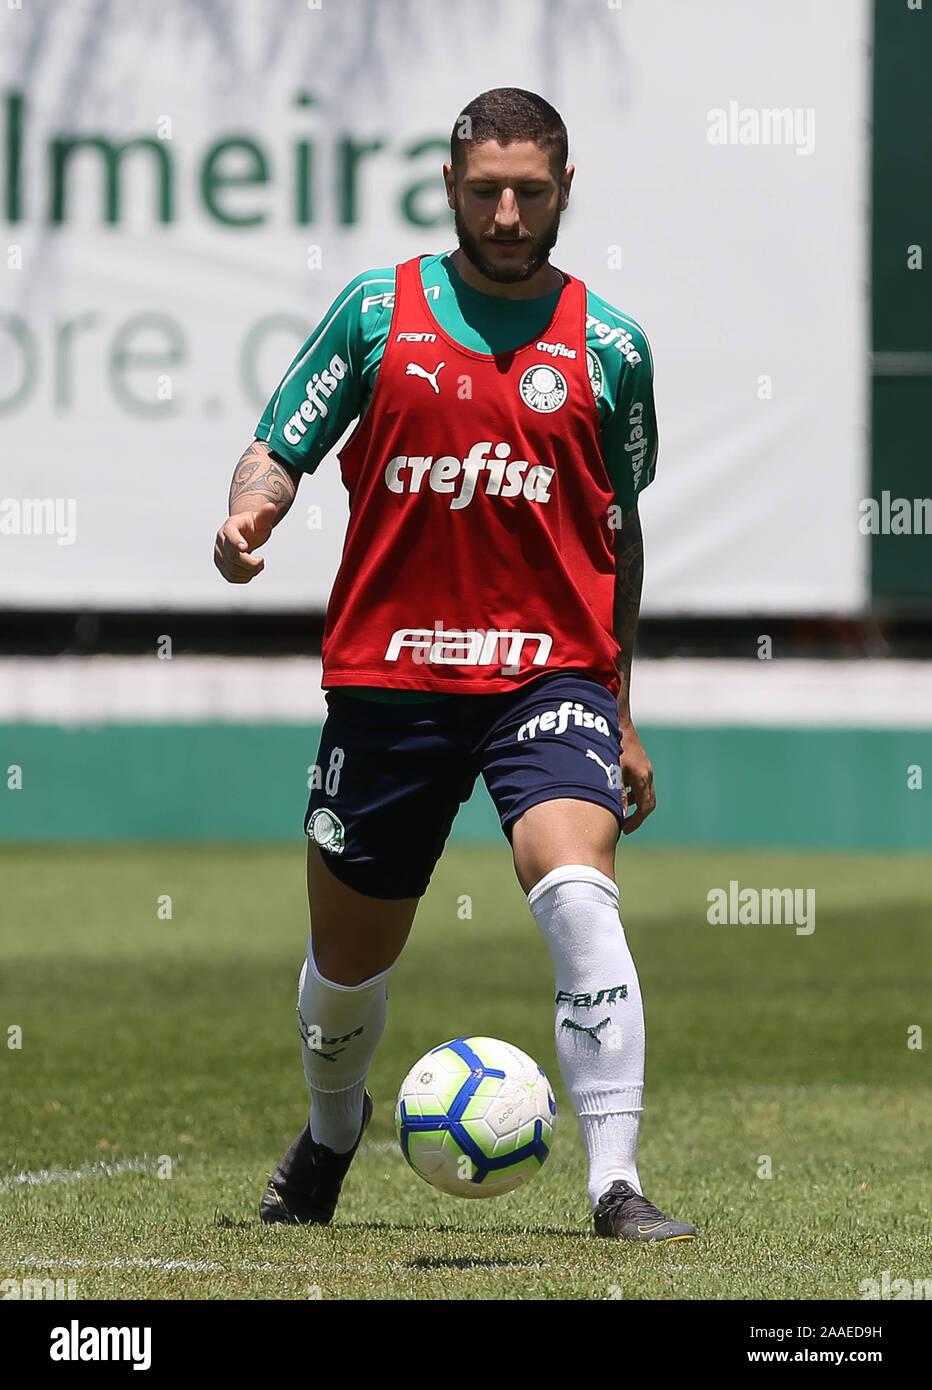 SÃO PAULO, SP - 21.11.2019: TREINO DO PALMEIRAS - Zé Rafael player, from SE Palmeiras, during training at the Football Academy. (Photo: Cesar Greco/Fotoarena) Stock Photo